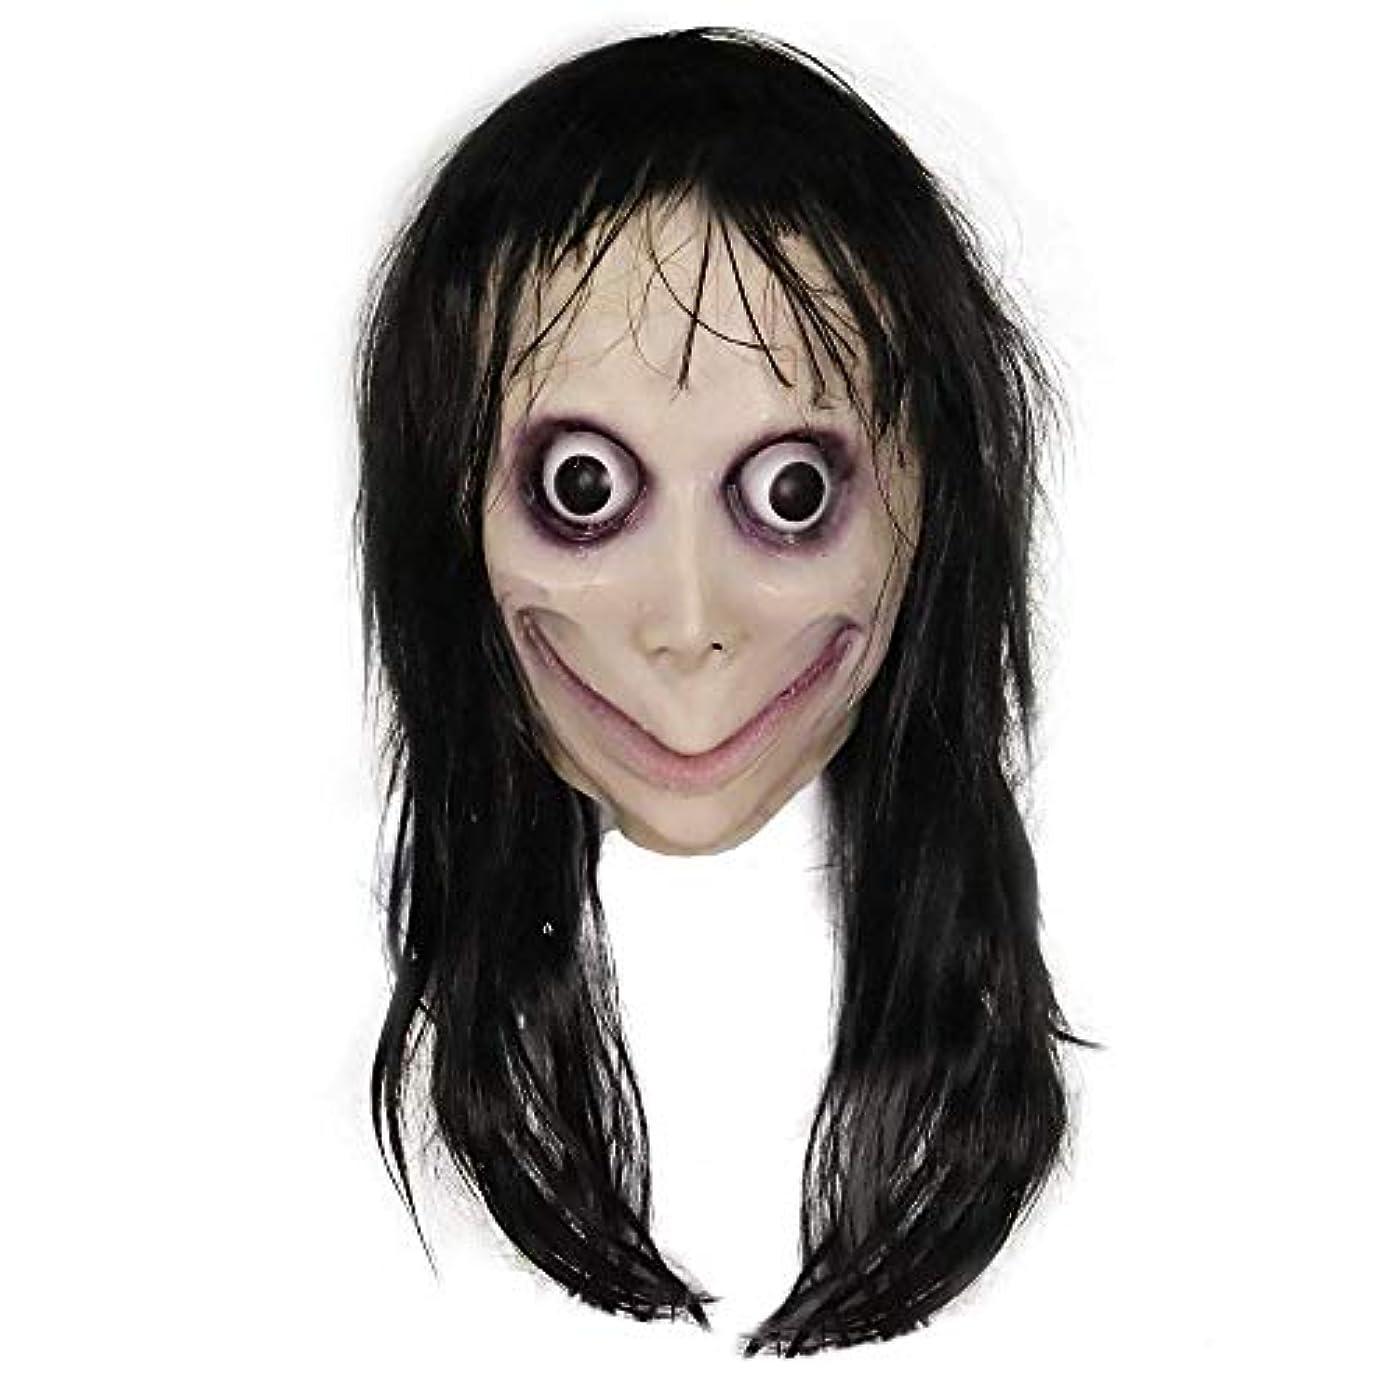 半導体収束ガラス不気味なマスク、髪怖いゲームモモマスク、ロールプレイング小道具マスク子供大人ホラー恐怖ゴーストヘルメットラテックスマスクファンシーボールハロウィーンパーティー